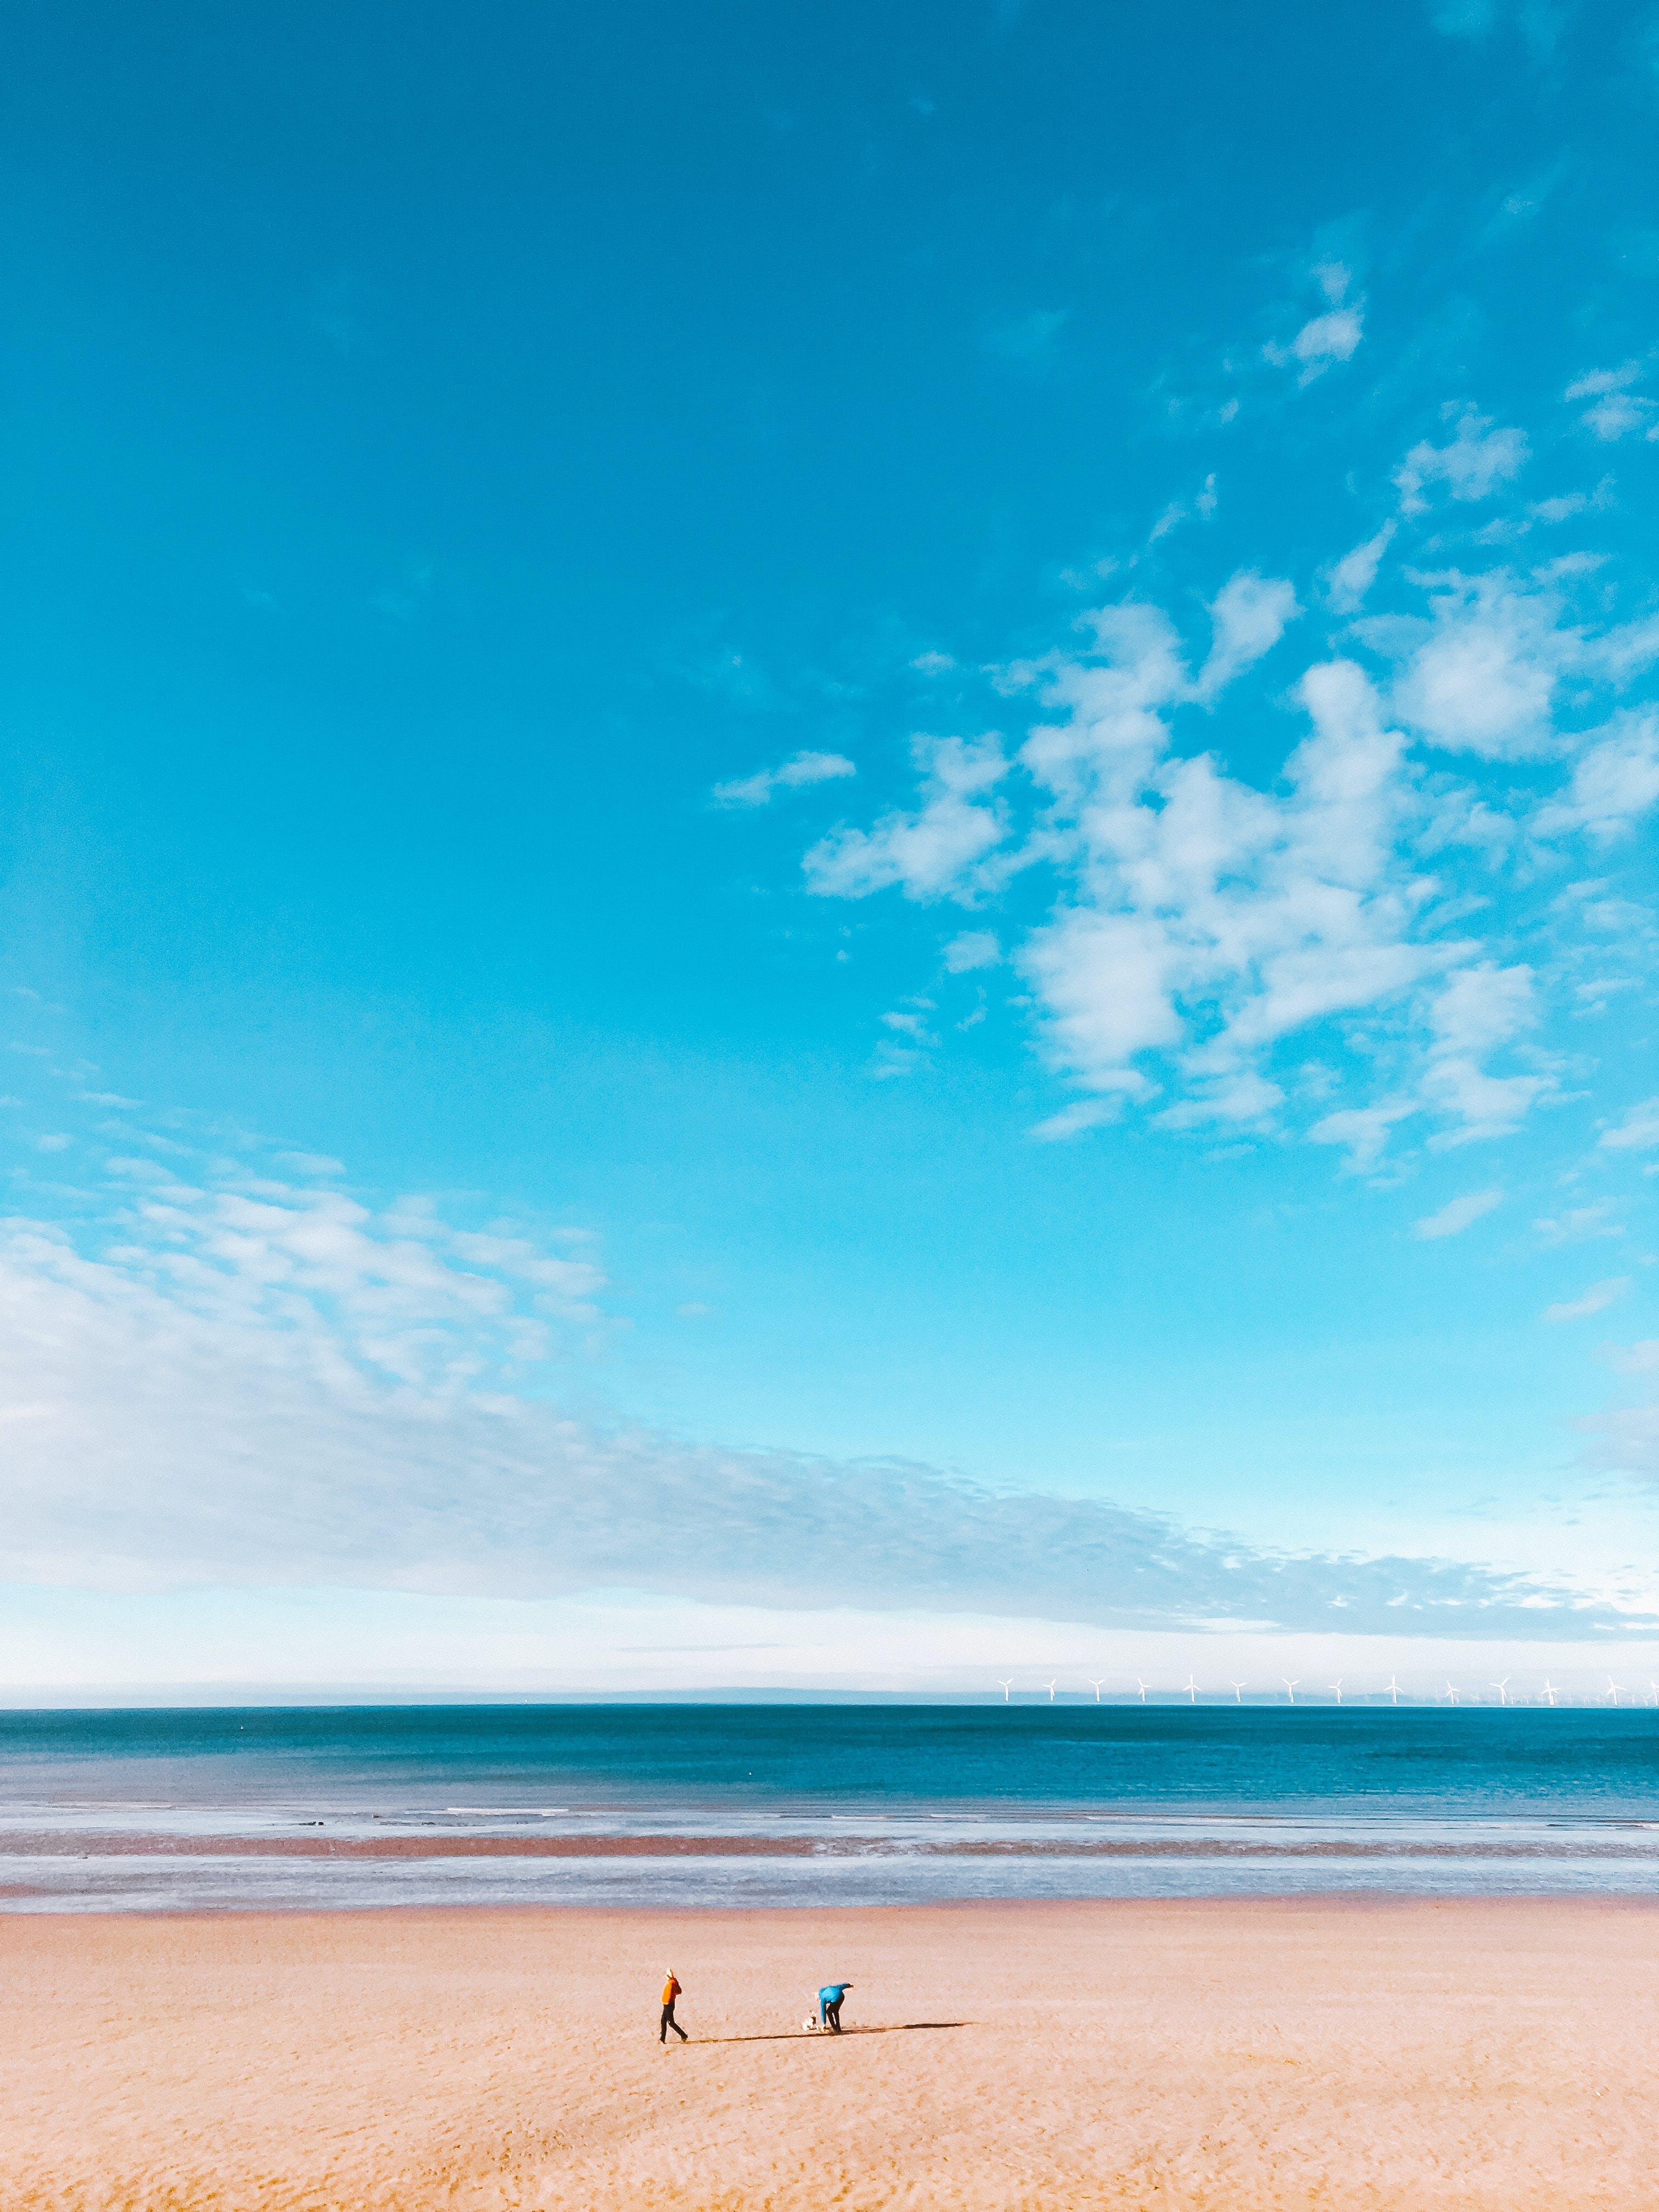 ビーチ, 地平線, 岸, 晴れの無料の写真素材